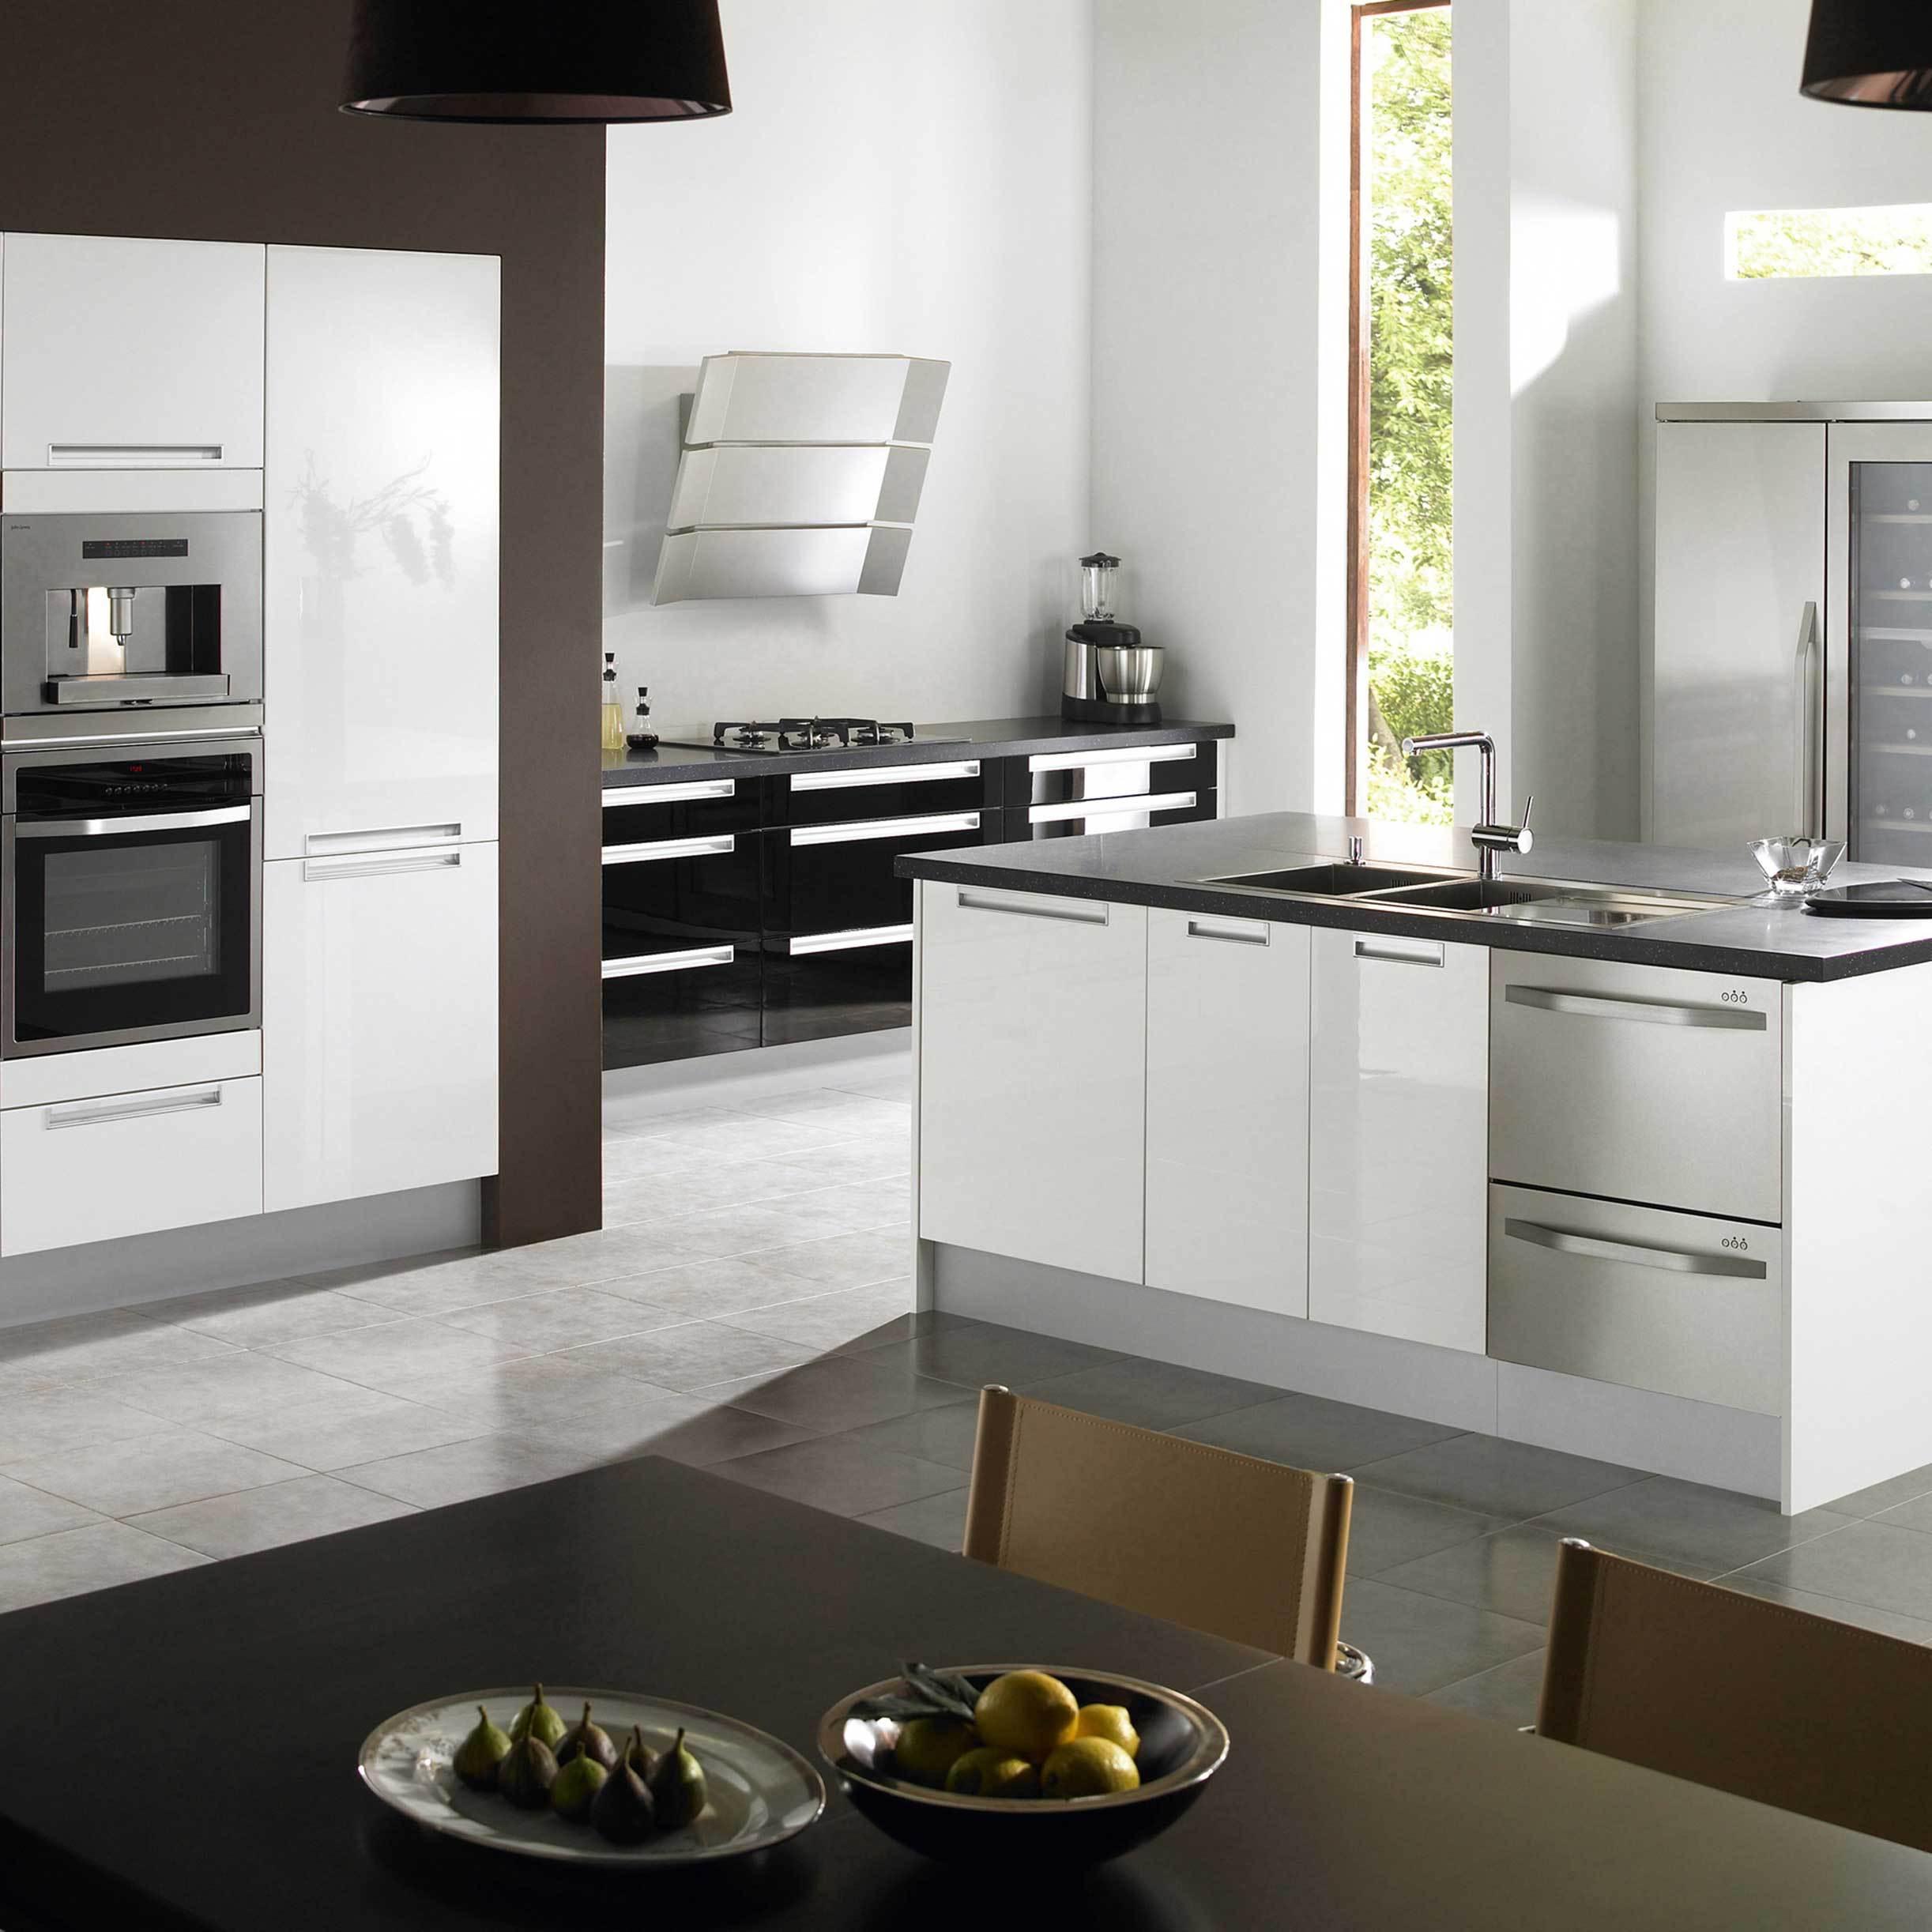 Дизайн кухни хай тек кухни в стиле